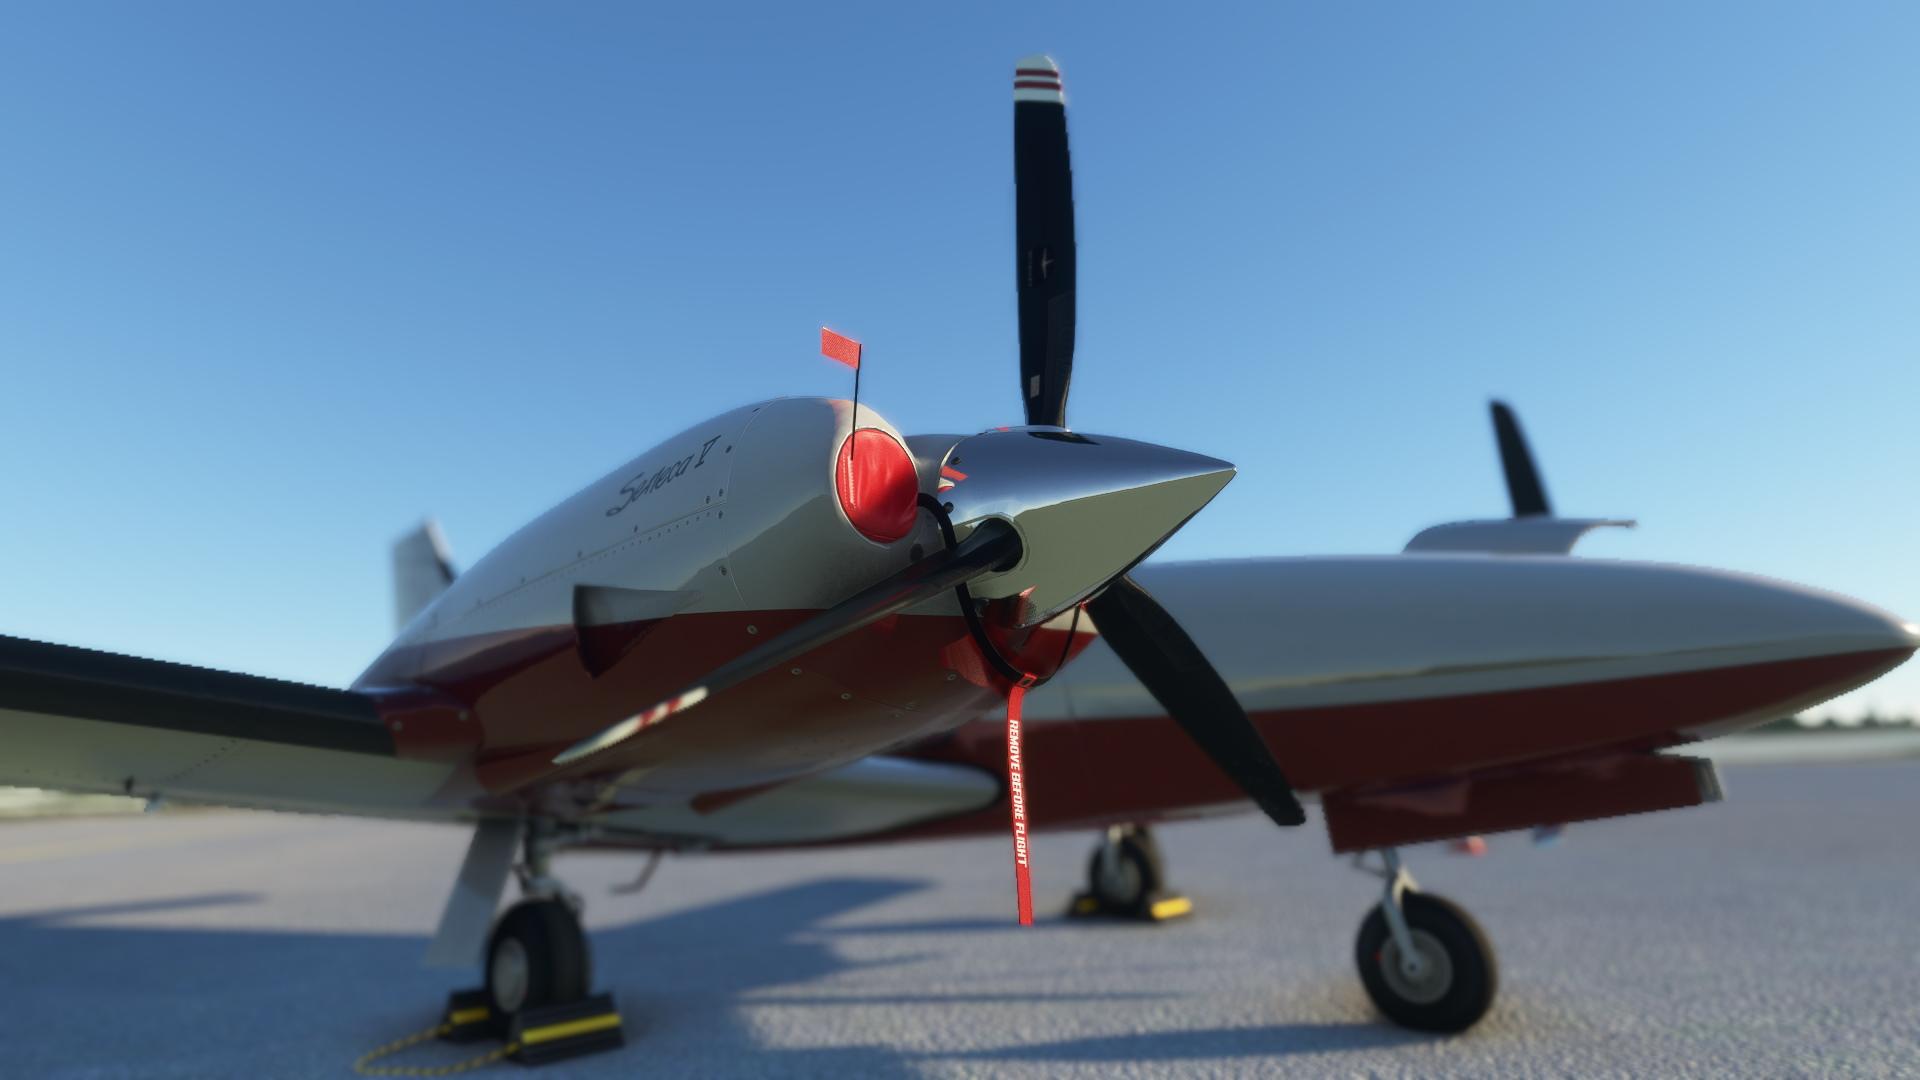 Microsoft Flight Simulator Carenado Pa34t Seneca V Parked Engine Close Up